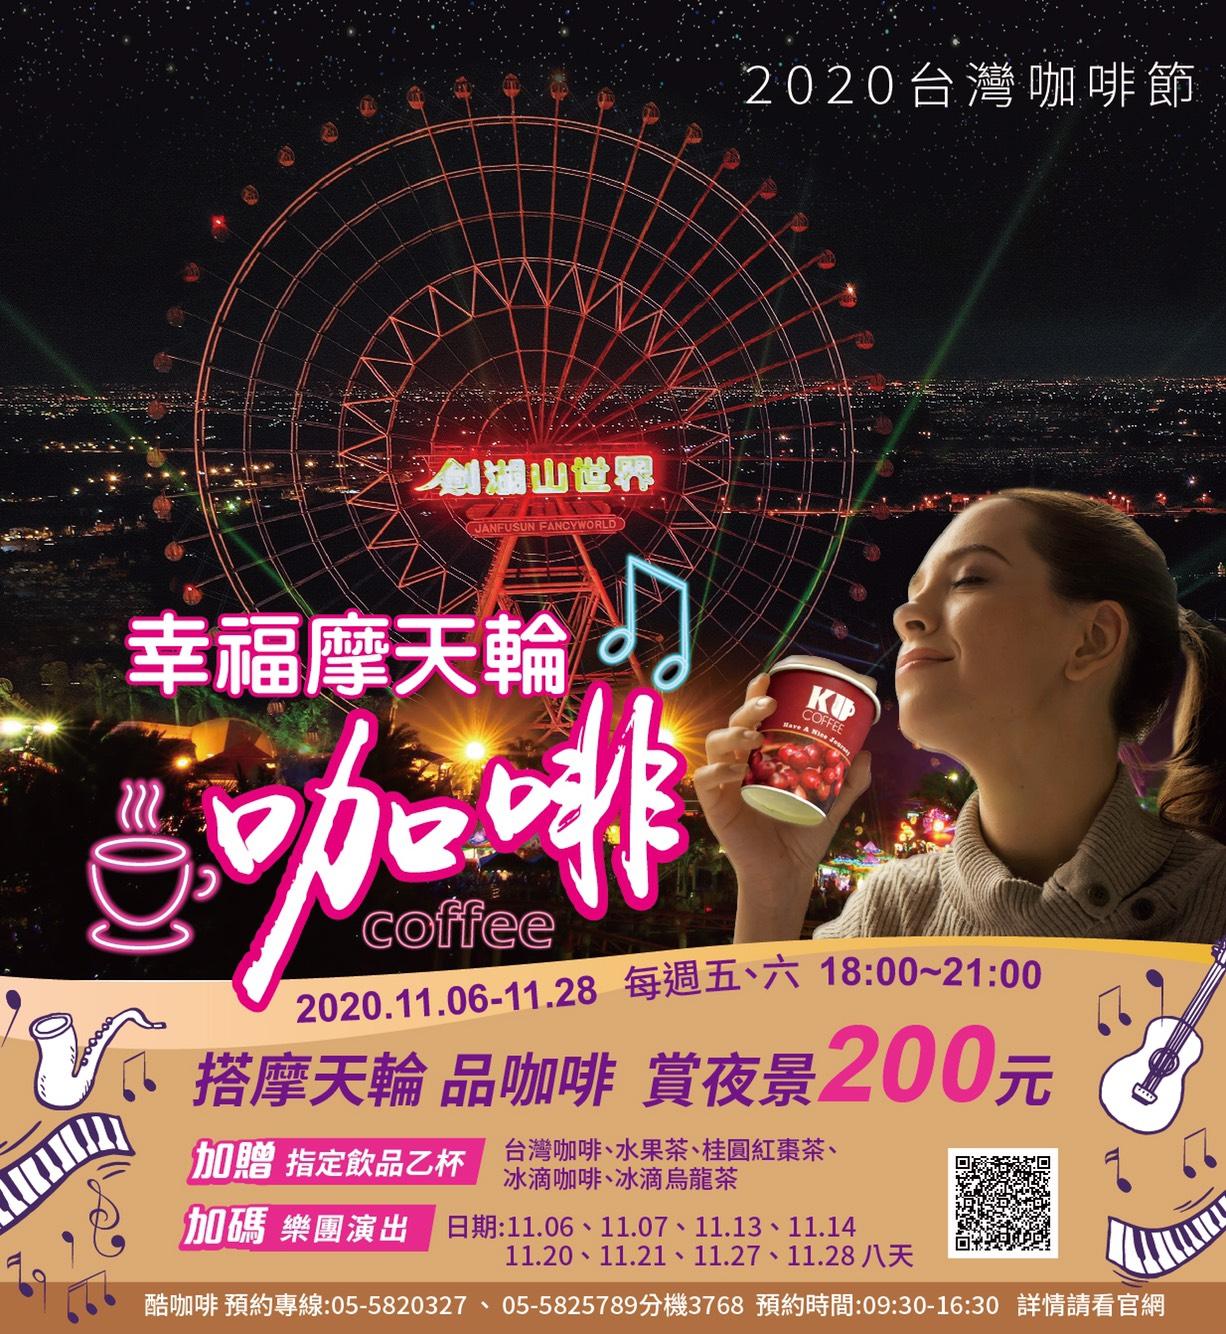 2020台灣咖啡節 劍湖山幸福摩天輪咖啡